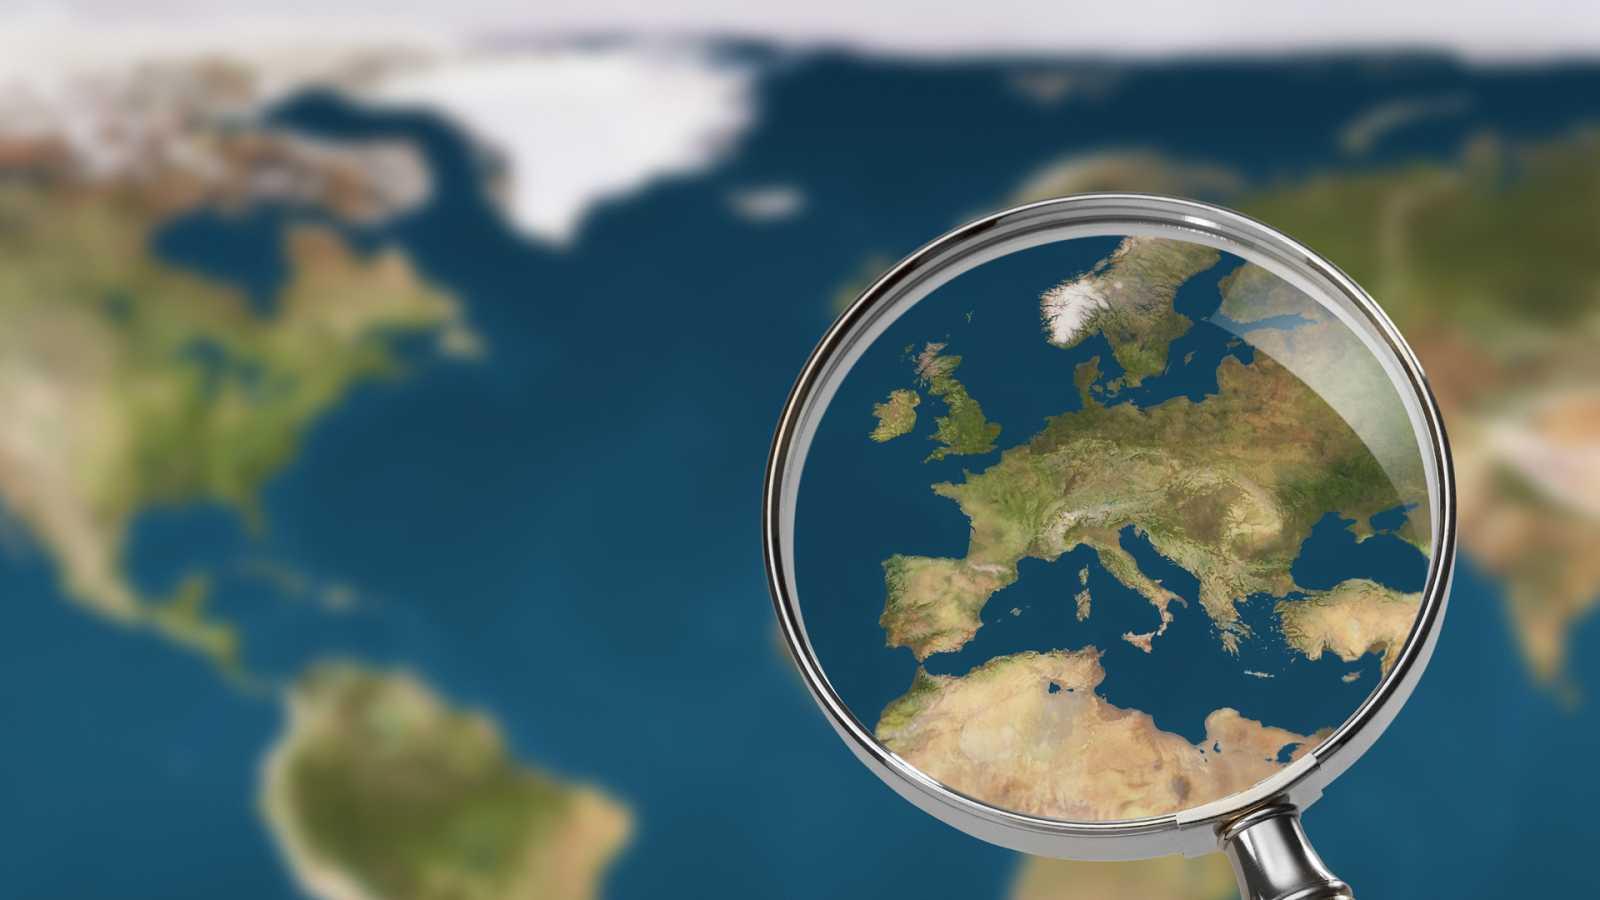 Un idioma sin fronteras - De viaje con el idioma: Guinea Ecuatorial, Londres y Hamburgo - 30/11/19 - escuchar ahora